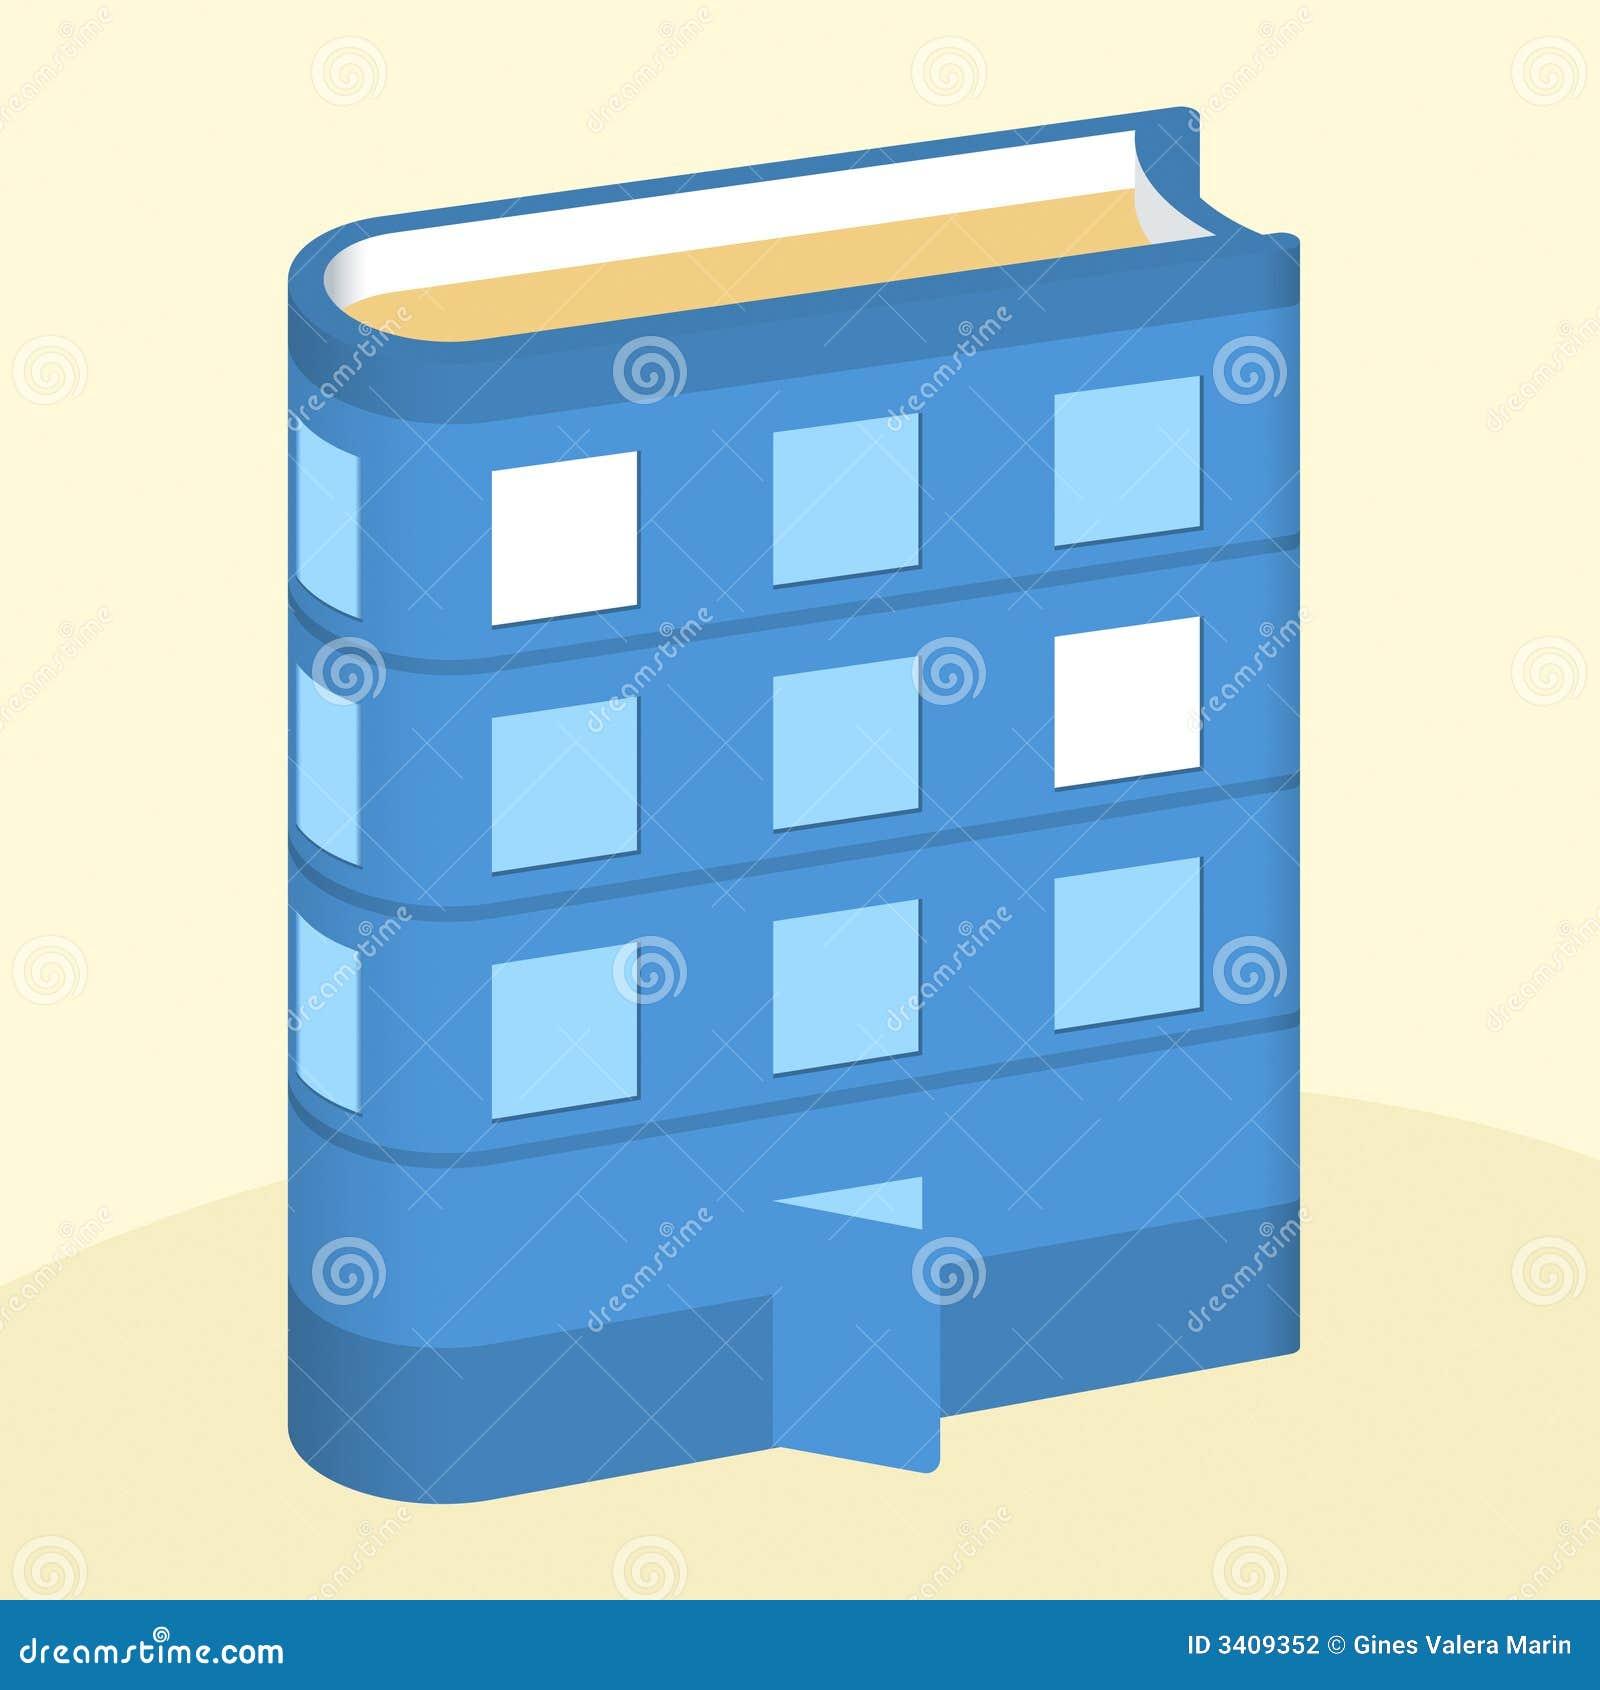 download Методические рекомендации для прохождения учебной торговой